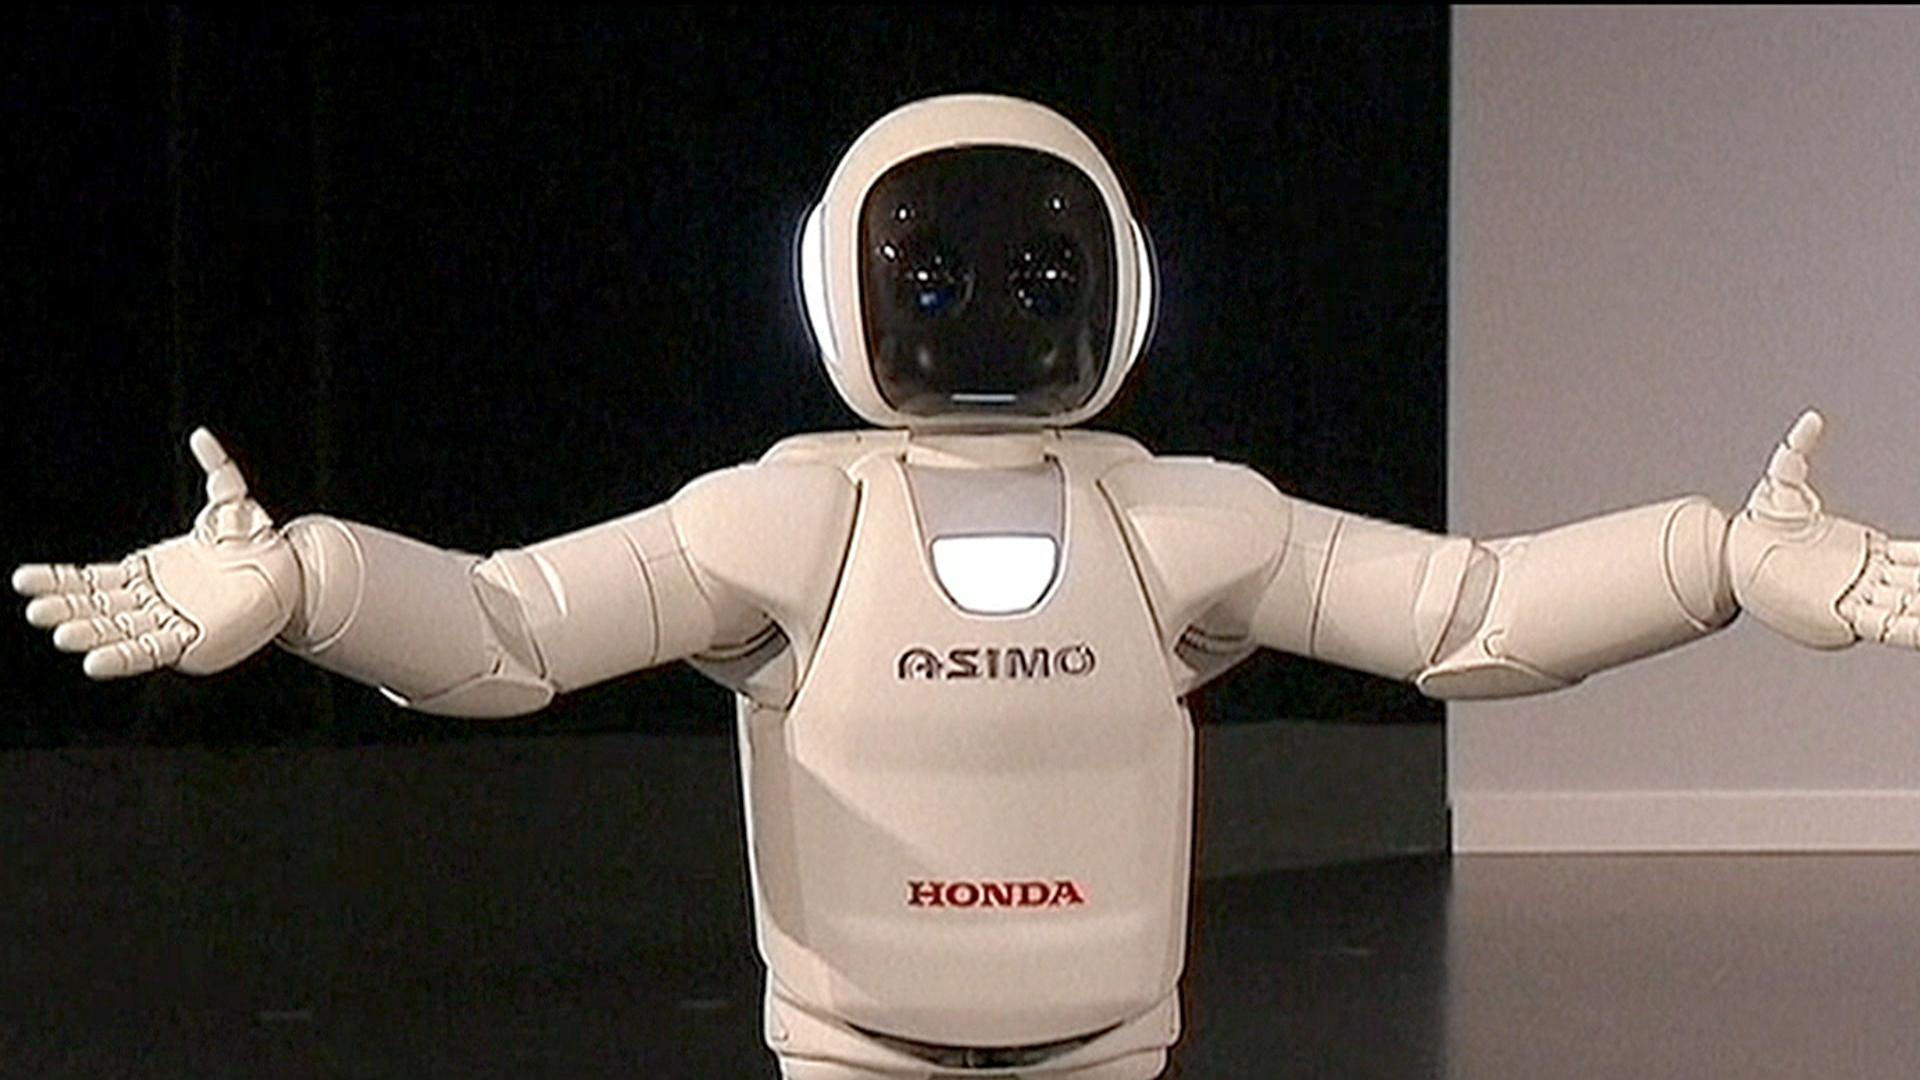 Honda Of Covington >> Honda 'Asimo' robot can pour you a drink - TODAY.com